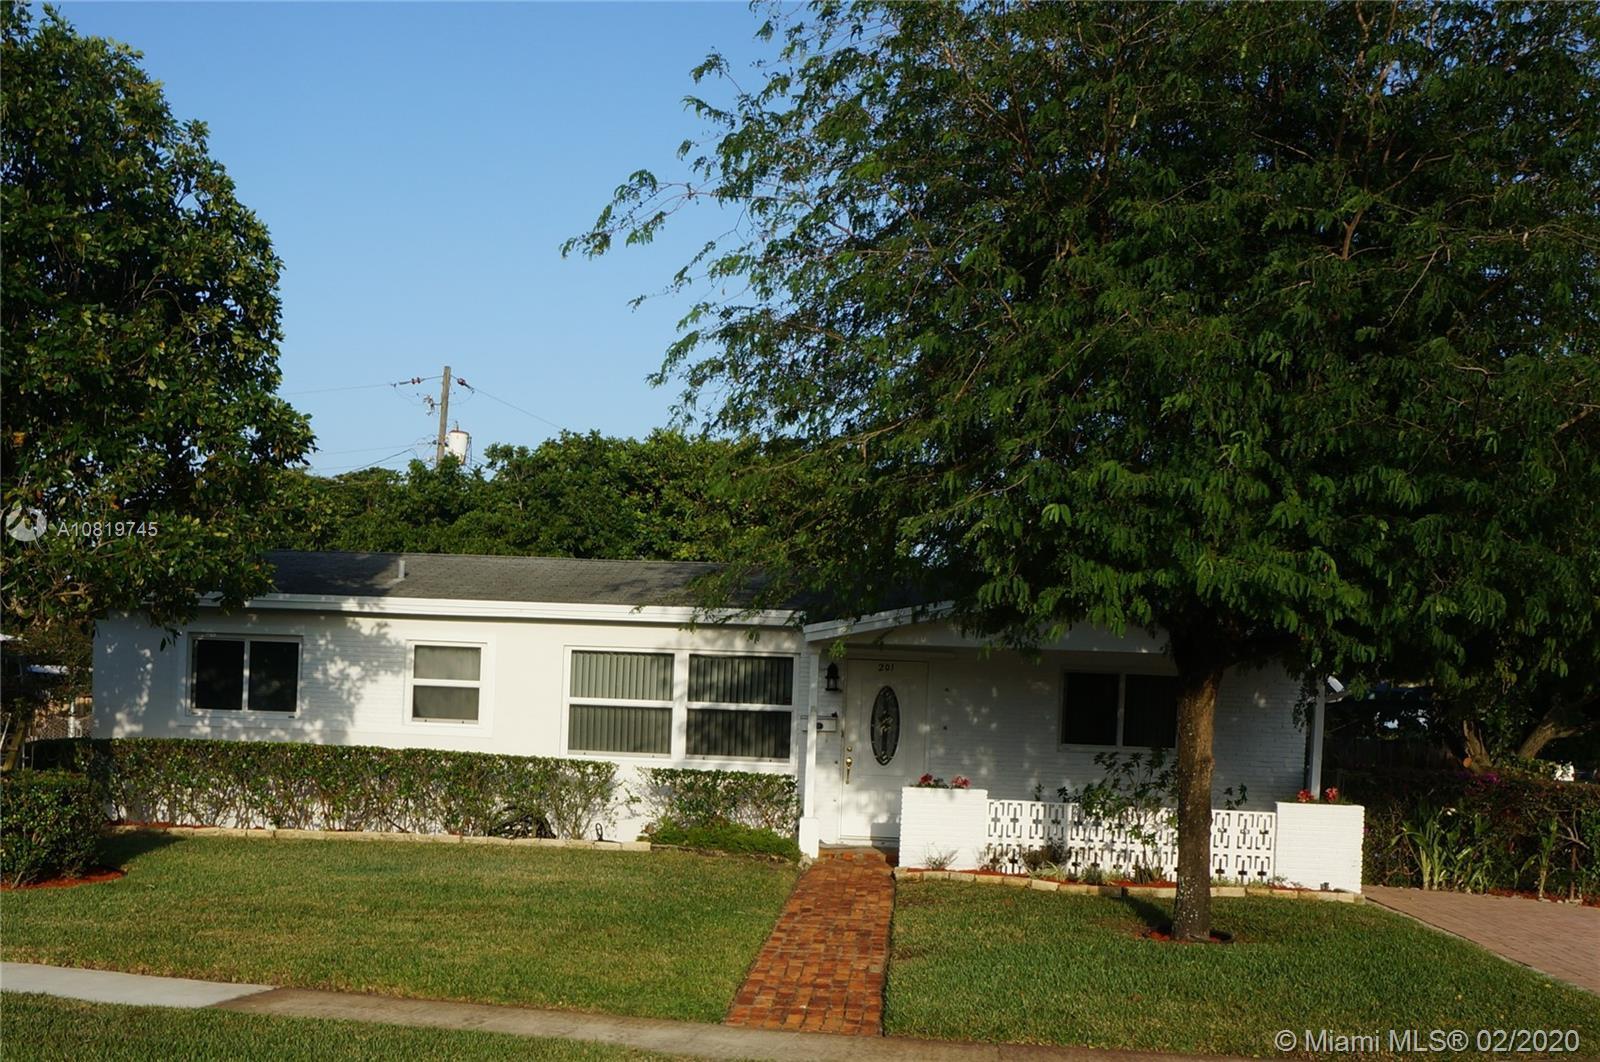 201 N 69th Way, Hollywood, FL 33024 - Hollywood, FL real estate listing